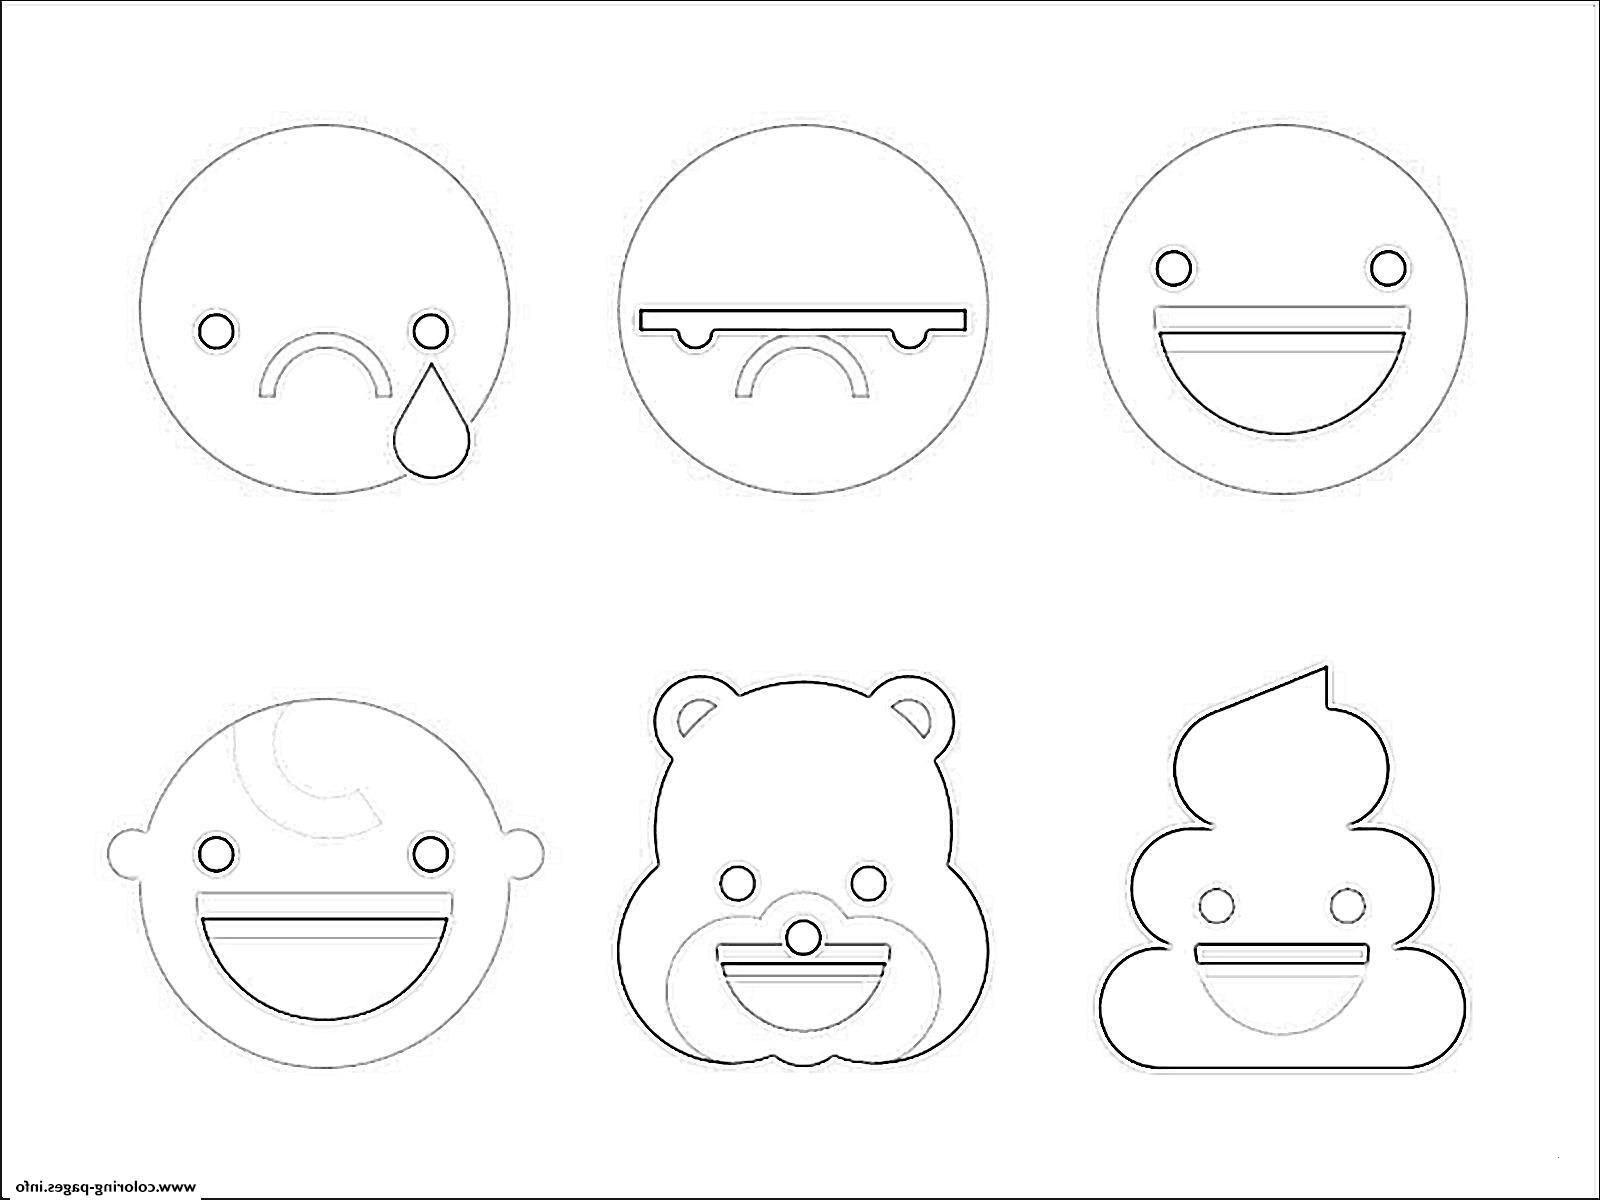 Emojis Zum Ausmalen Neu 30 Schön Einhorn Emoji Ausmalbilder – Malvorlagen Ideen Fotografieren